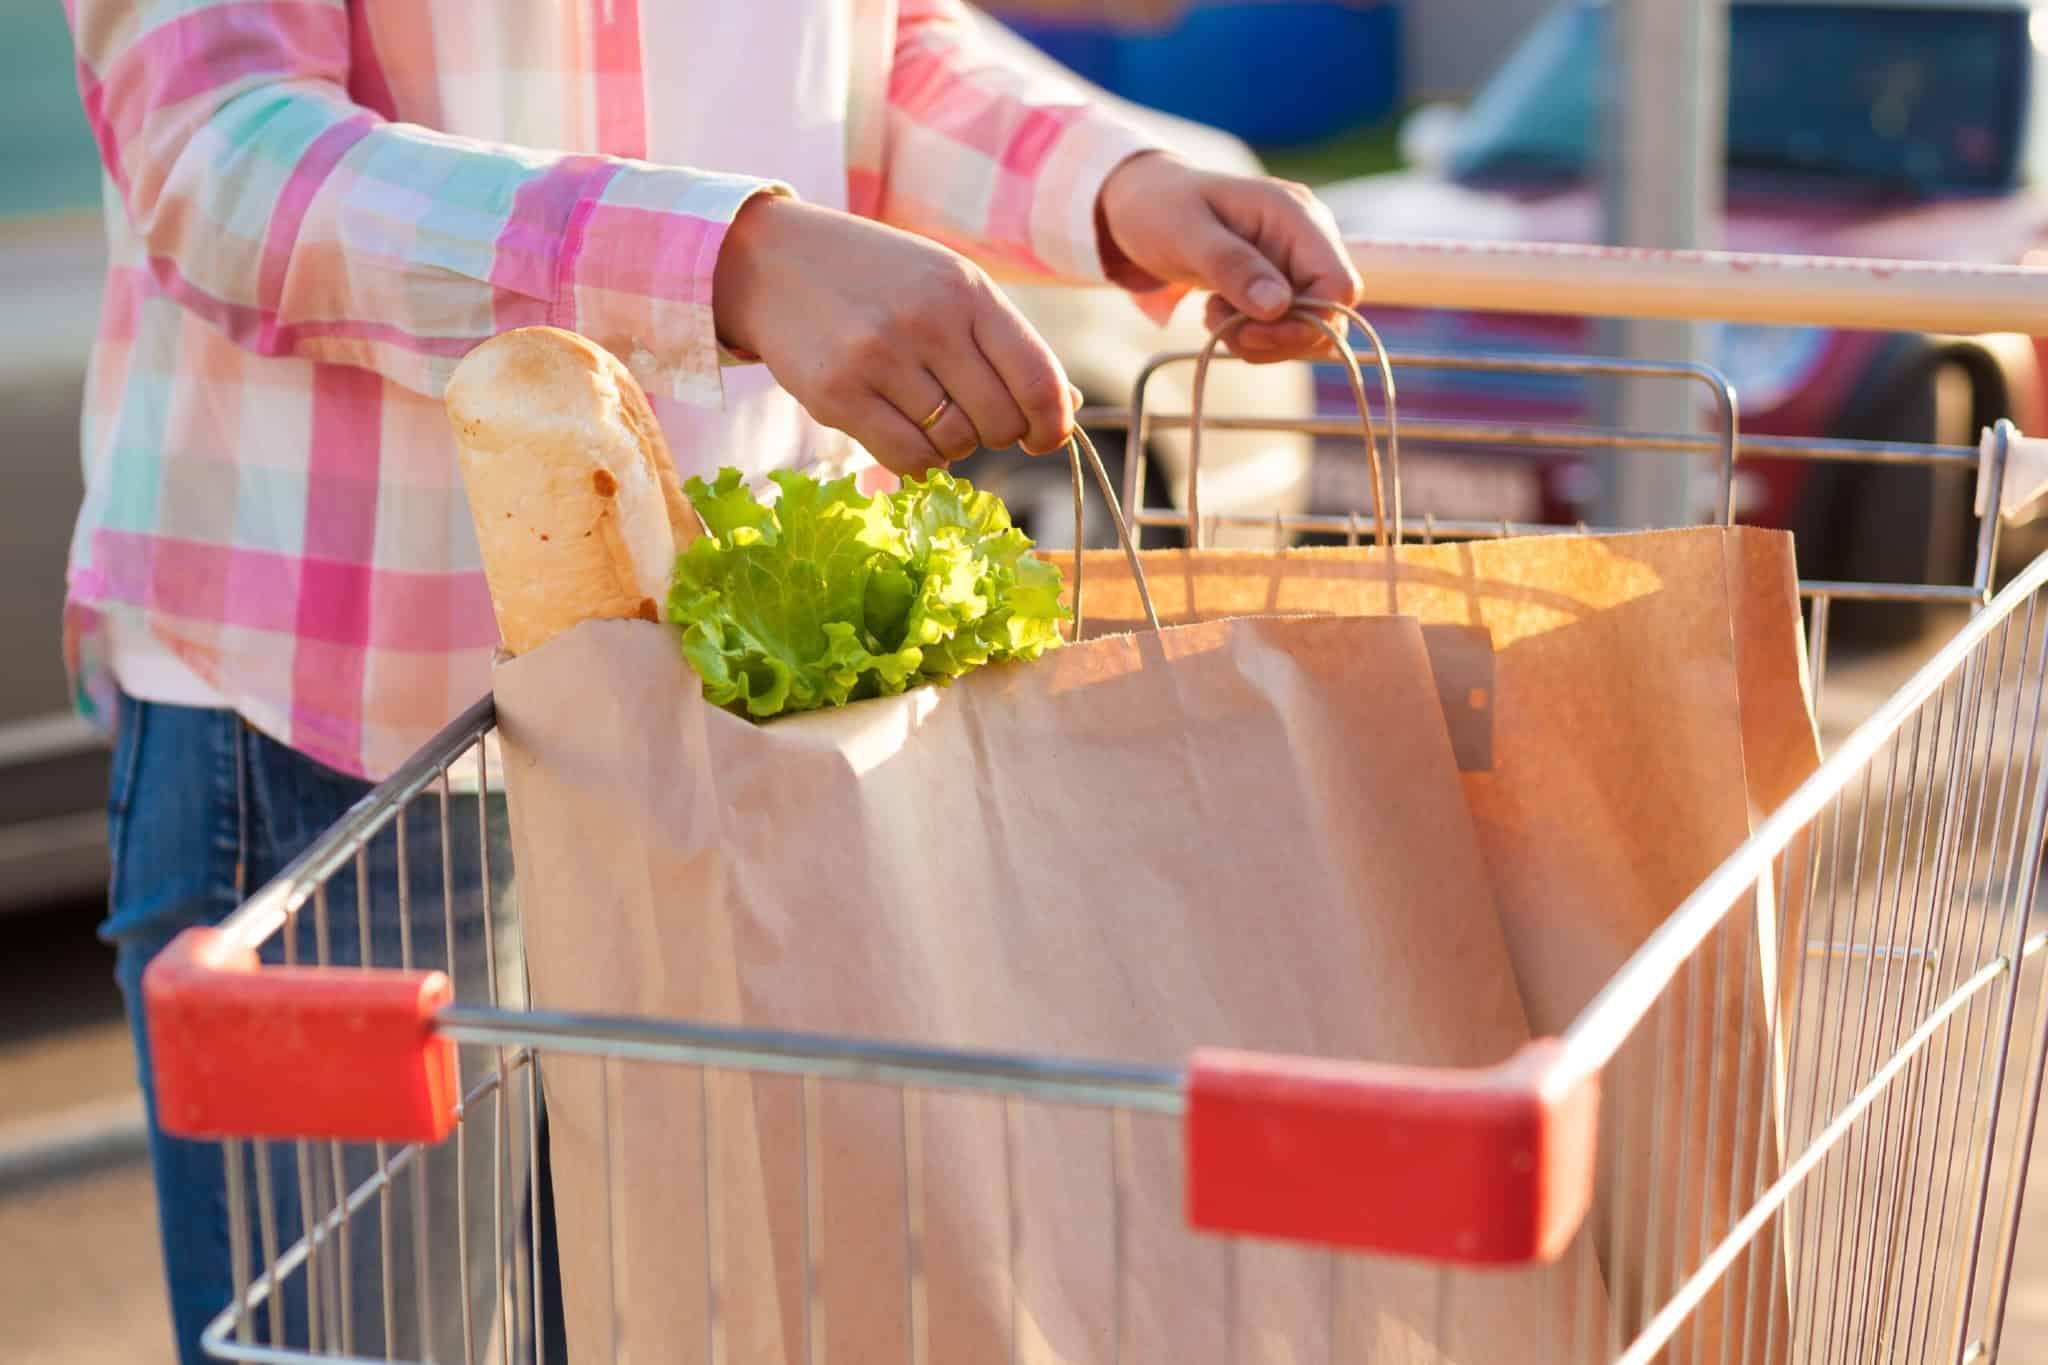 pessoa com carrinho de compras com dois sacos